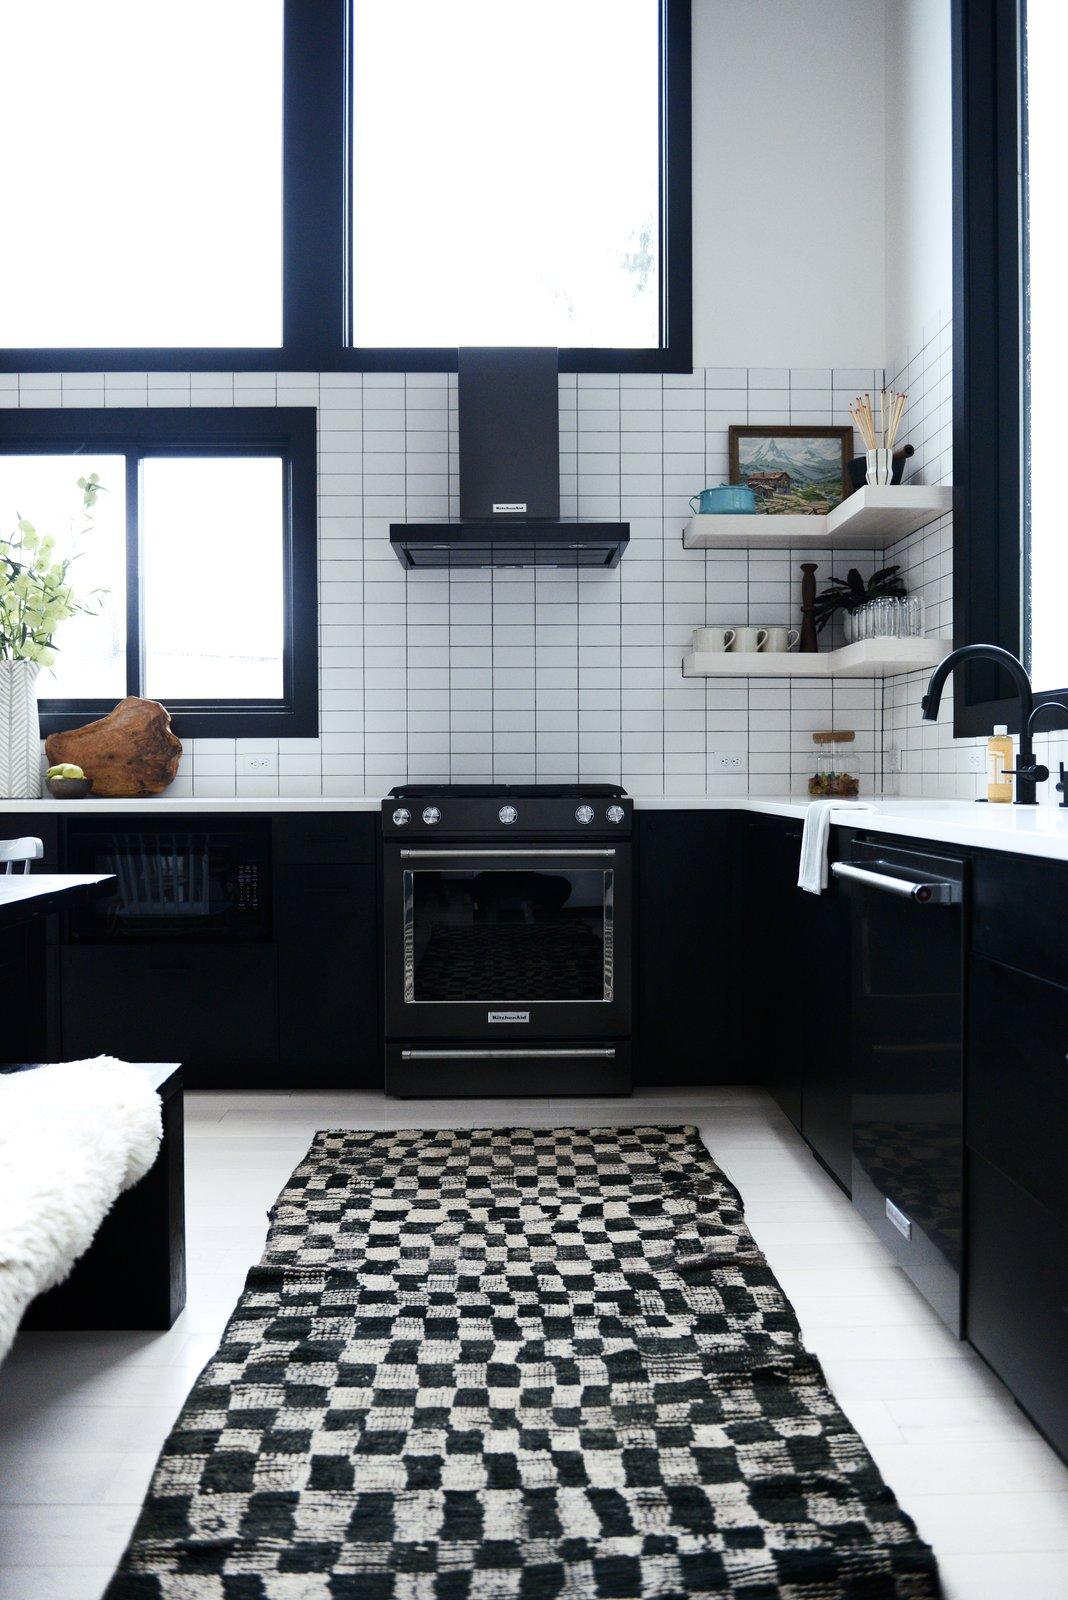 Alpine Noir kitchen